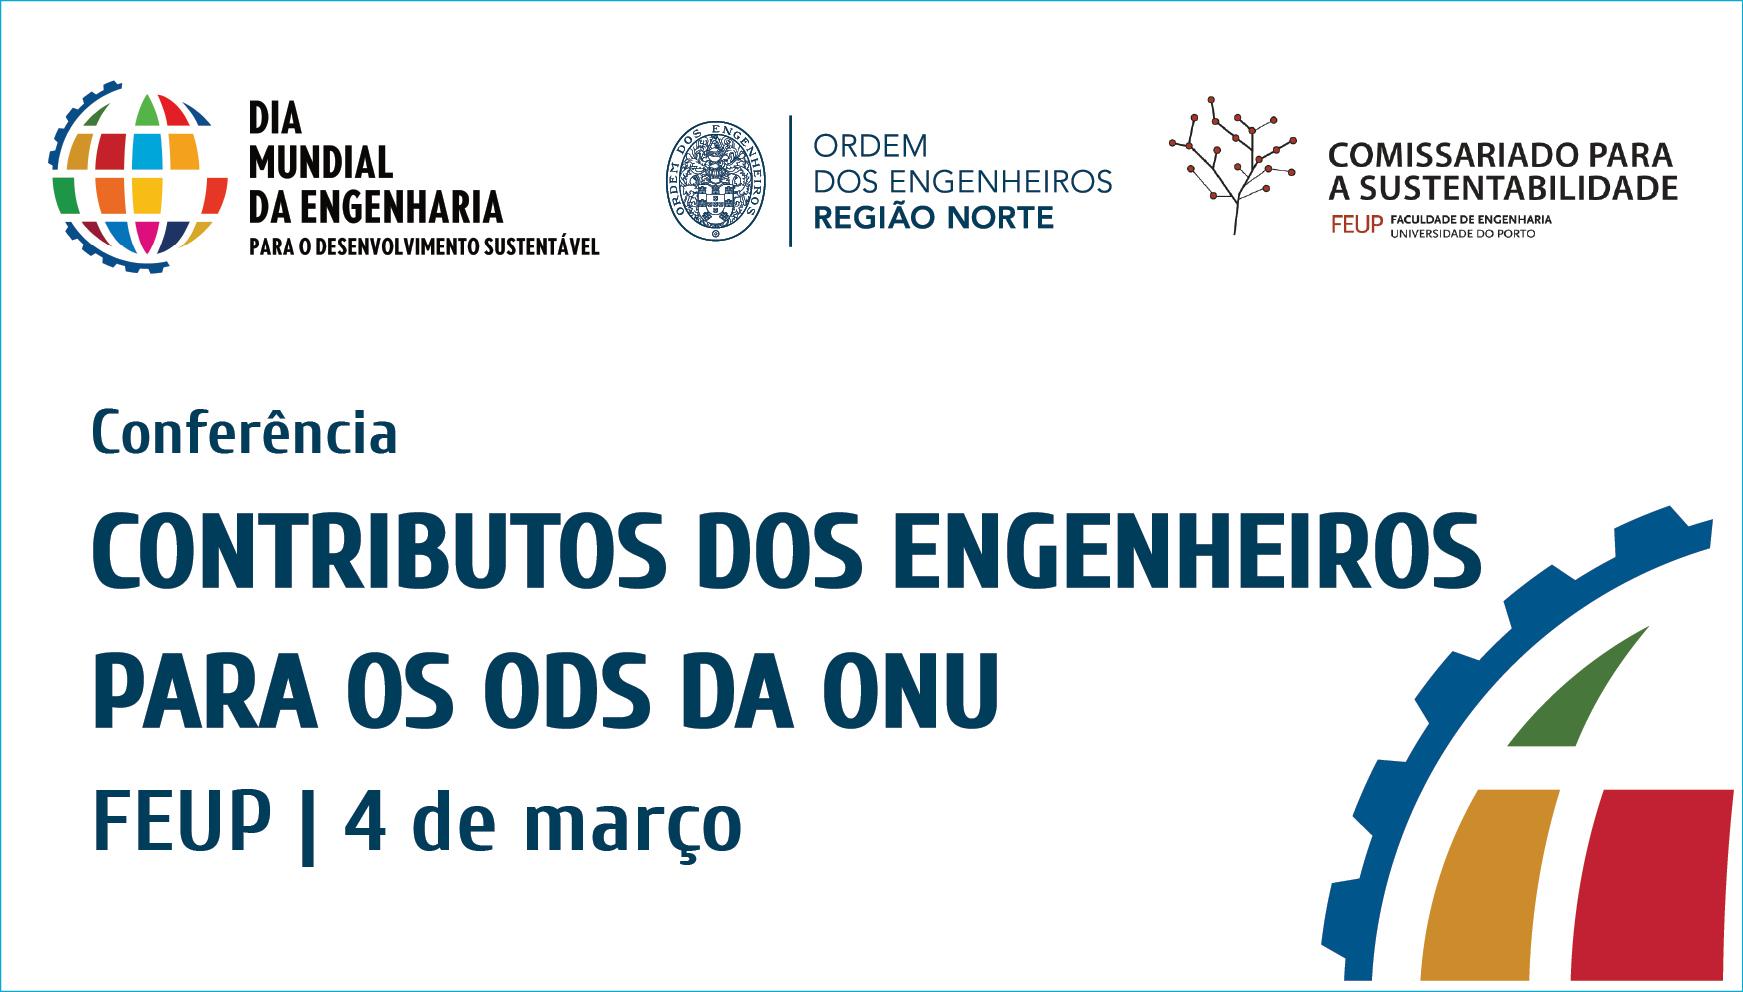 Plataforma Notícias Ordem Engenheiros Região Norte - Conferência na FEUP no Dia Mundial da Engenharia para o Desenvolvimento Sustentável